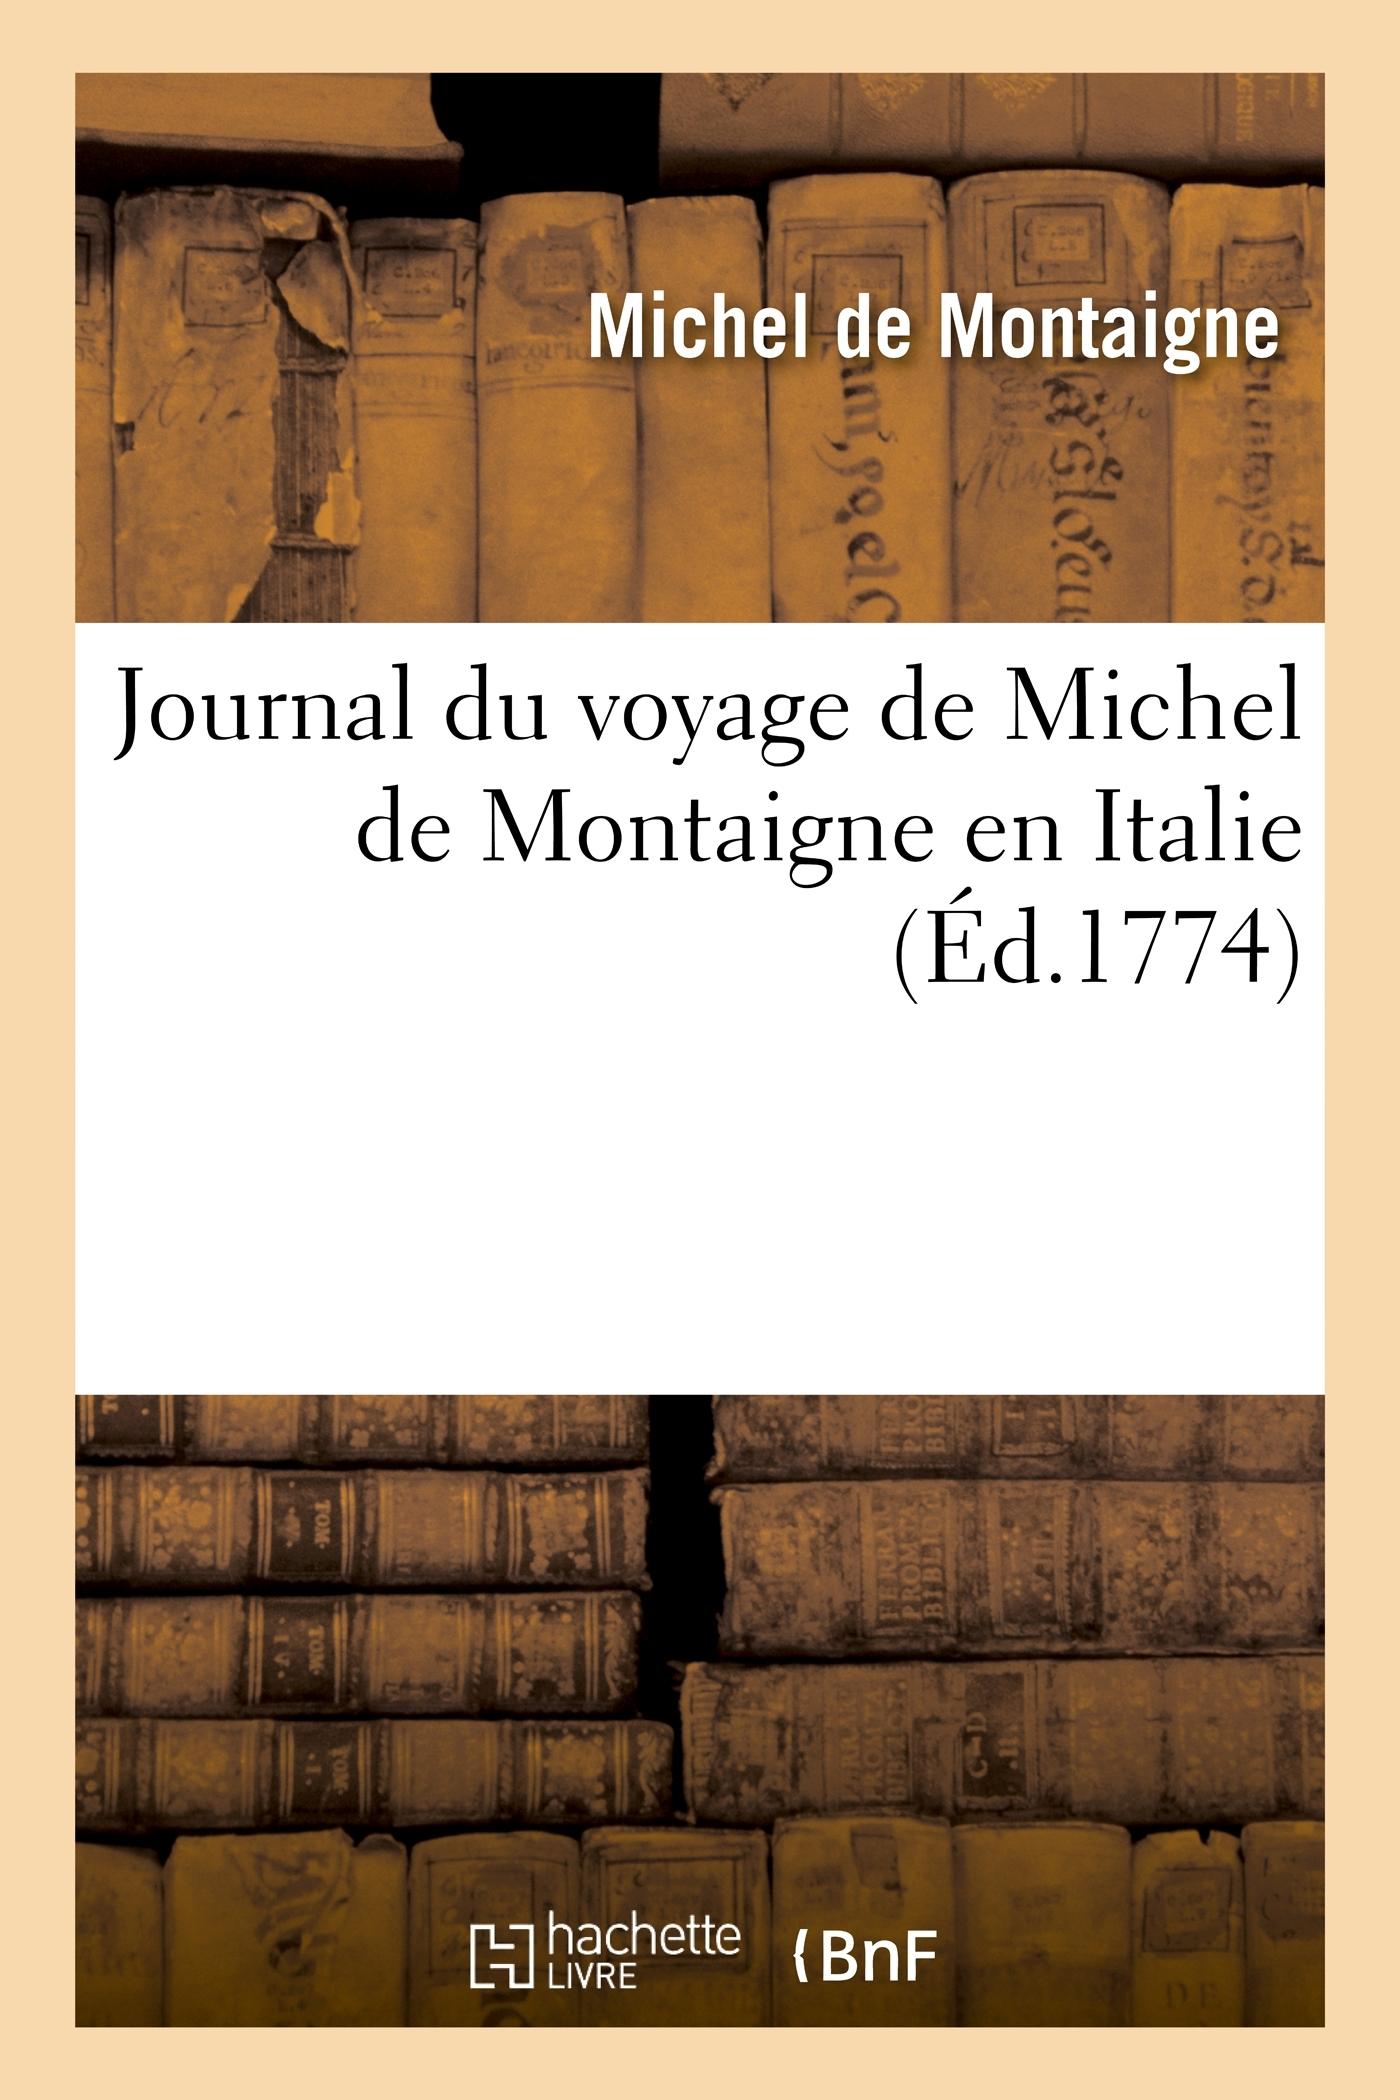 JOURNAL DU VOYAGE DE MICHEL DE MONTAIGNE EN ITALIE - , PAR LA SUISSE ET L'ALLEMAGNE EN 1580 ET 1581